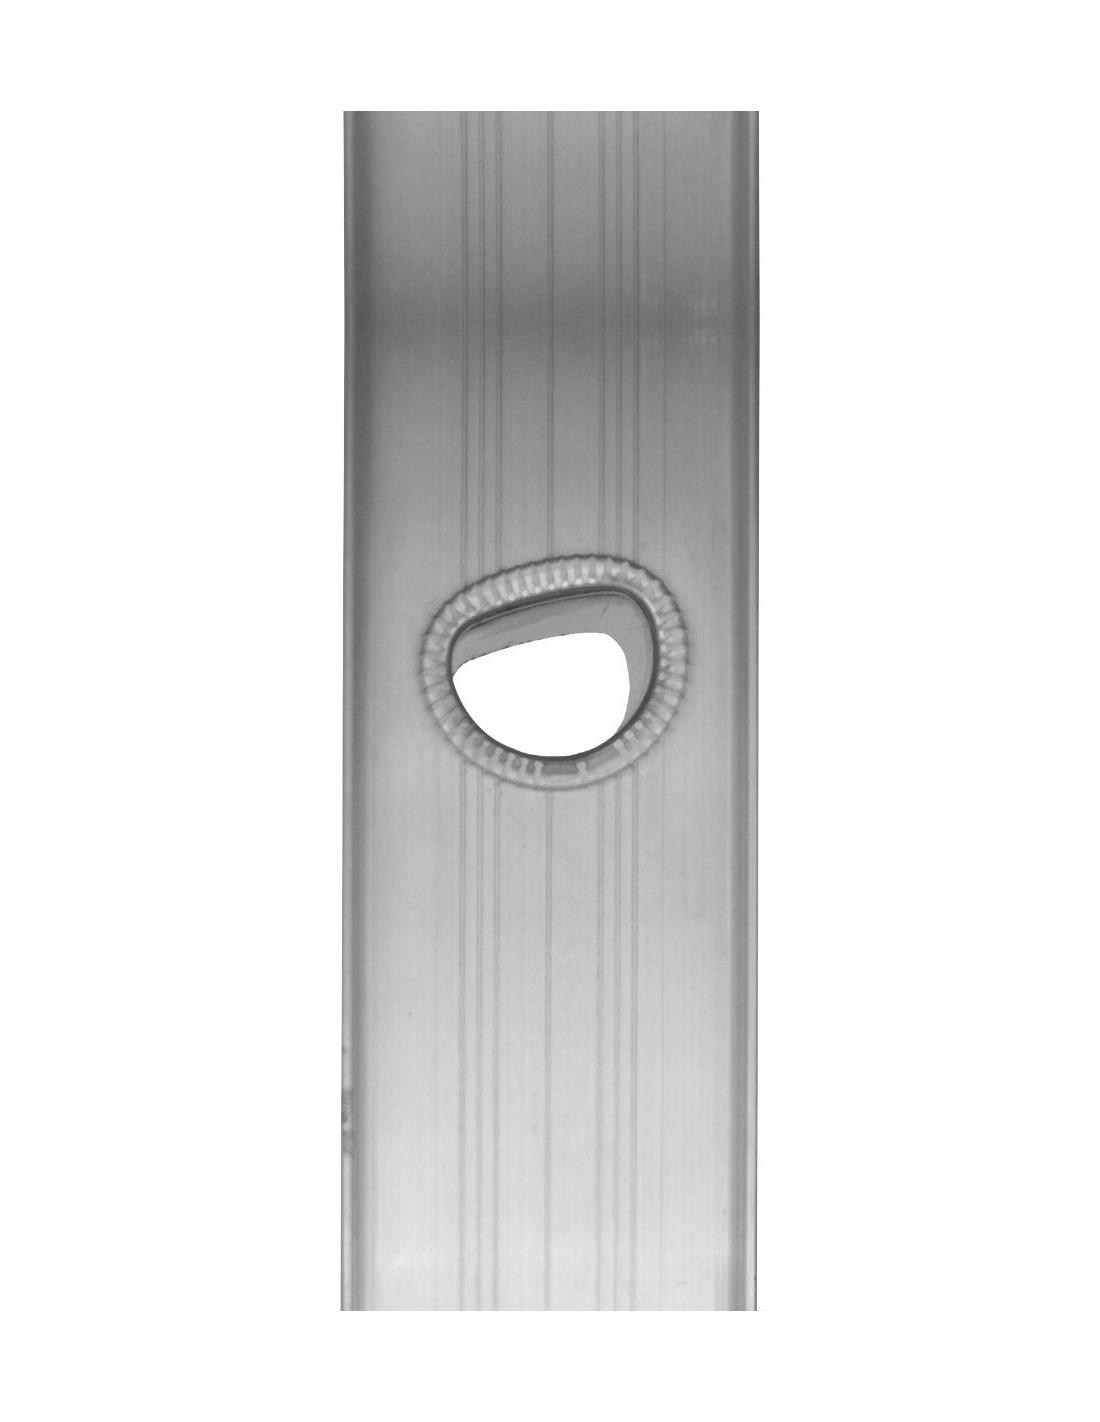 Salon De Jardin Carreau De Ciment louisville ae4220pg echelle aluminium 20' 2 plans coulissants